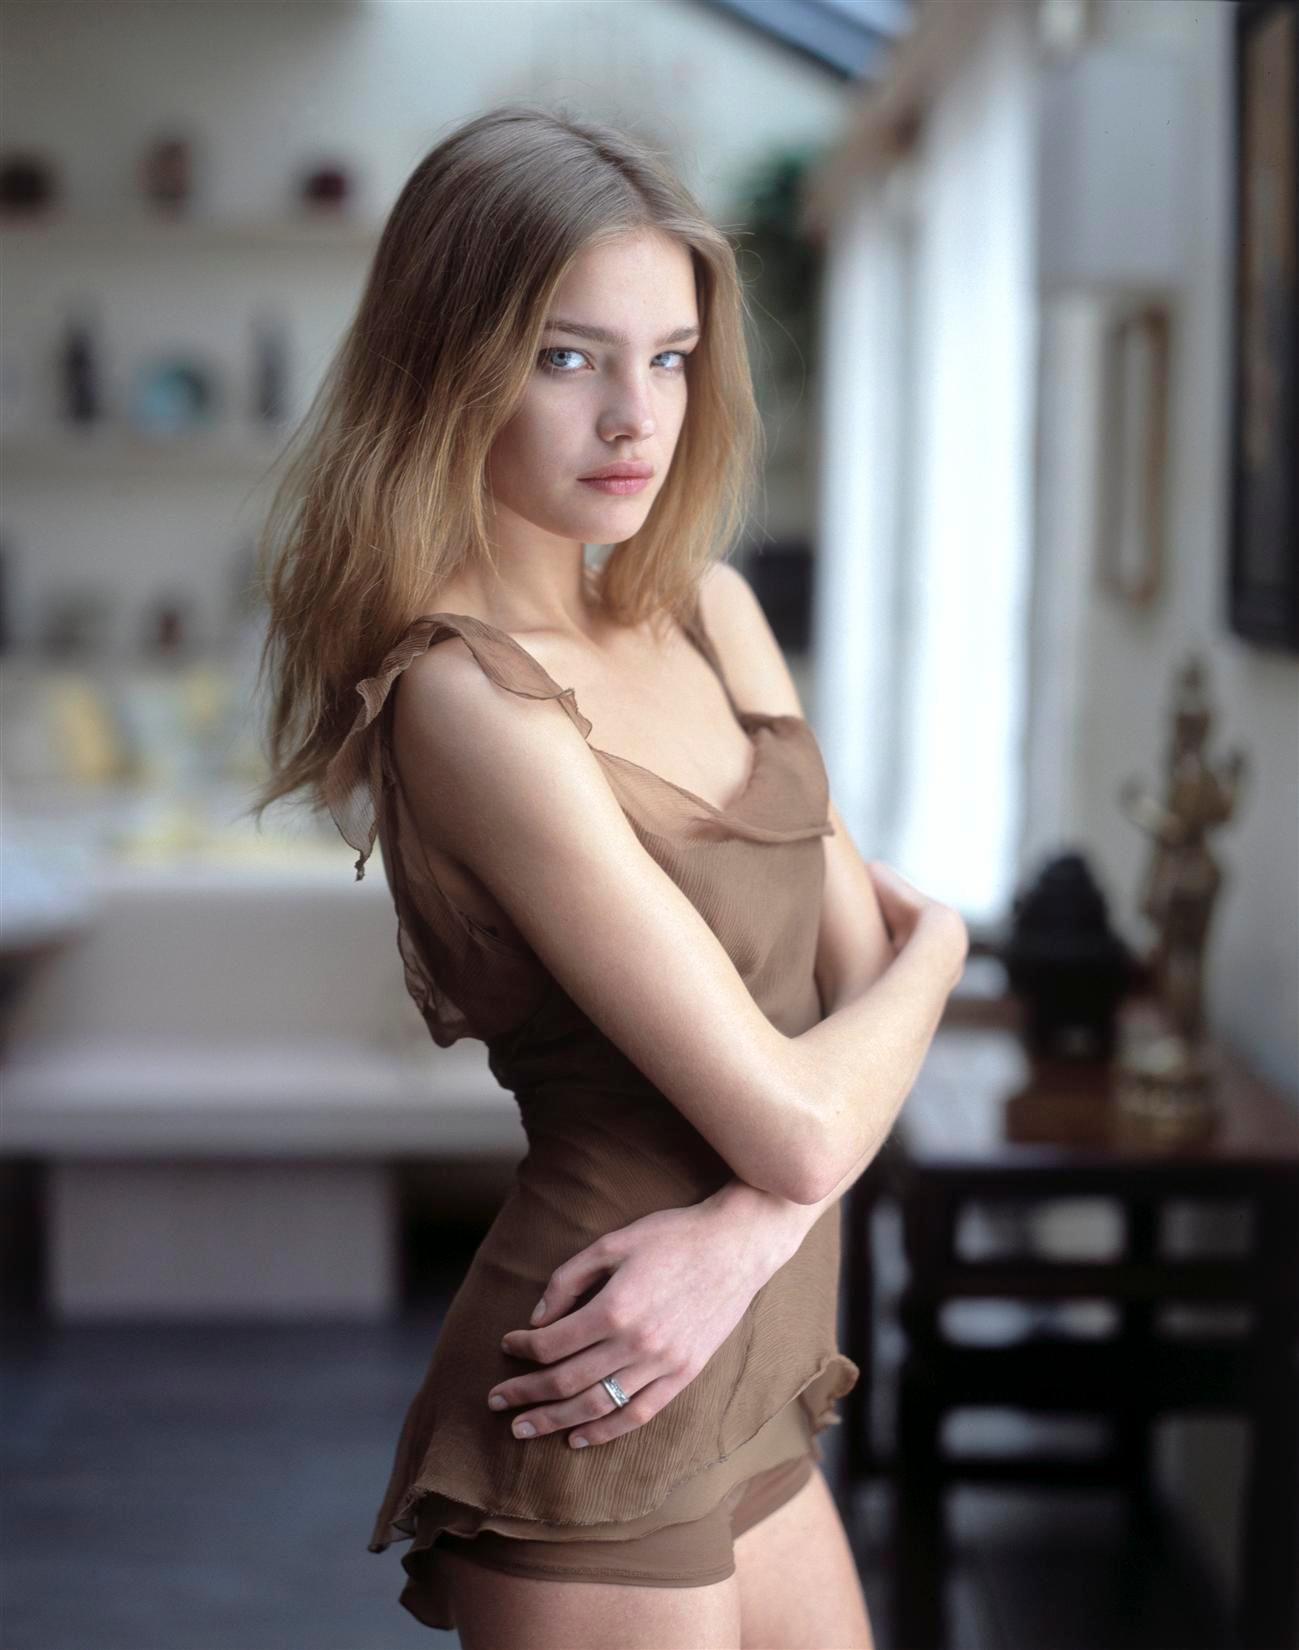 Фото русских женщин знаменитостей фото 5 фотография